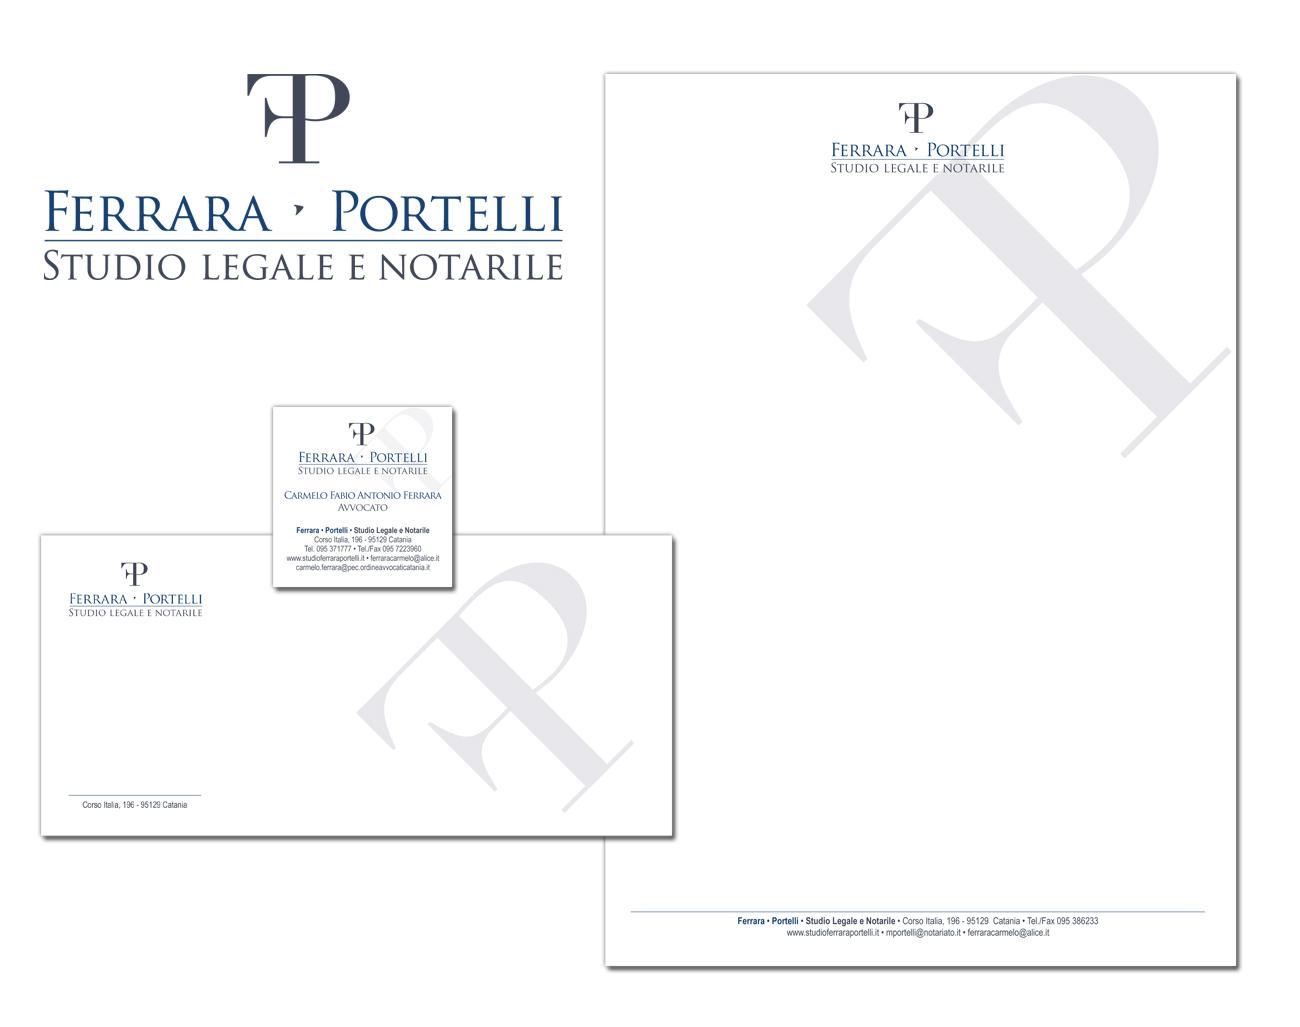 Ferrara-Portelli